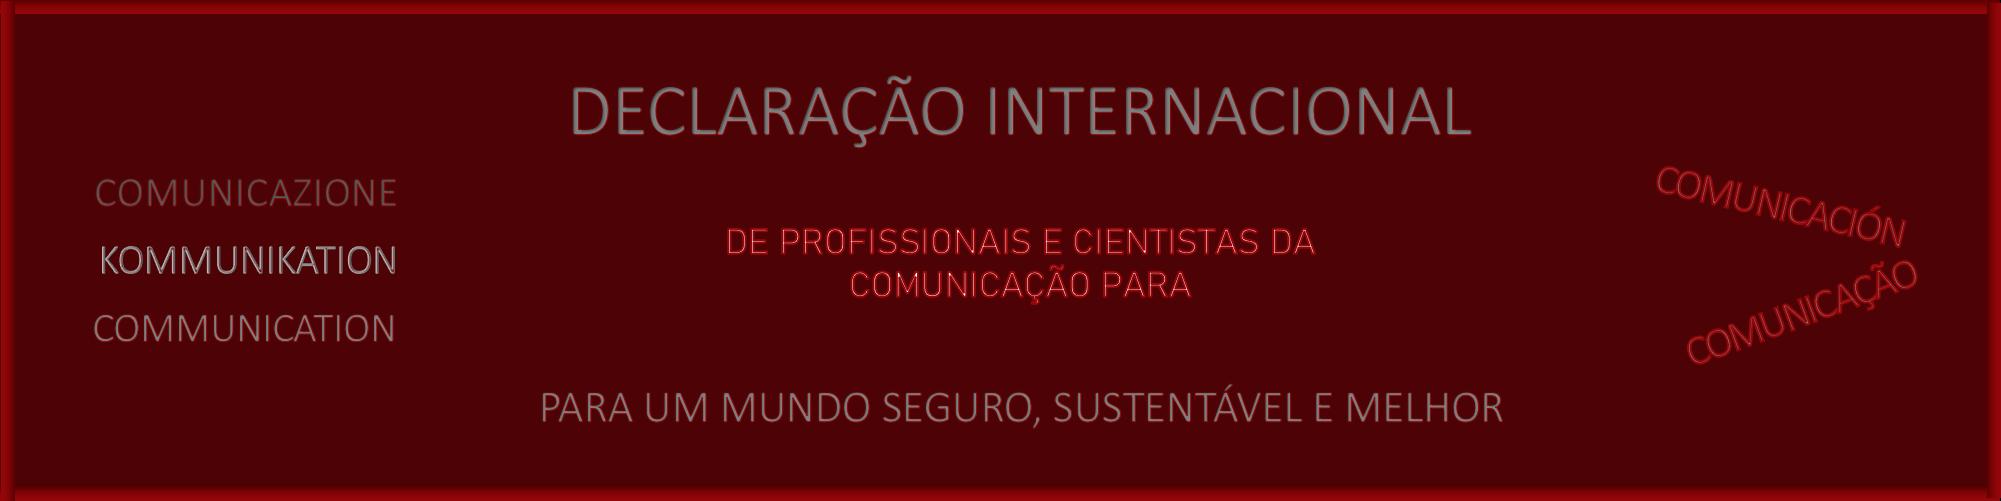 BANDEAU PDF PORTUGUES